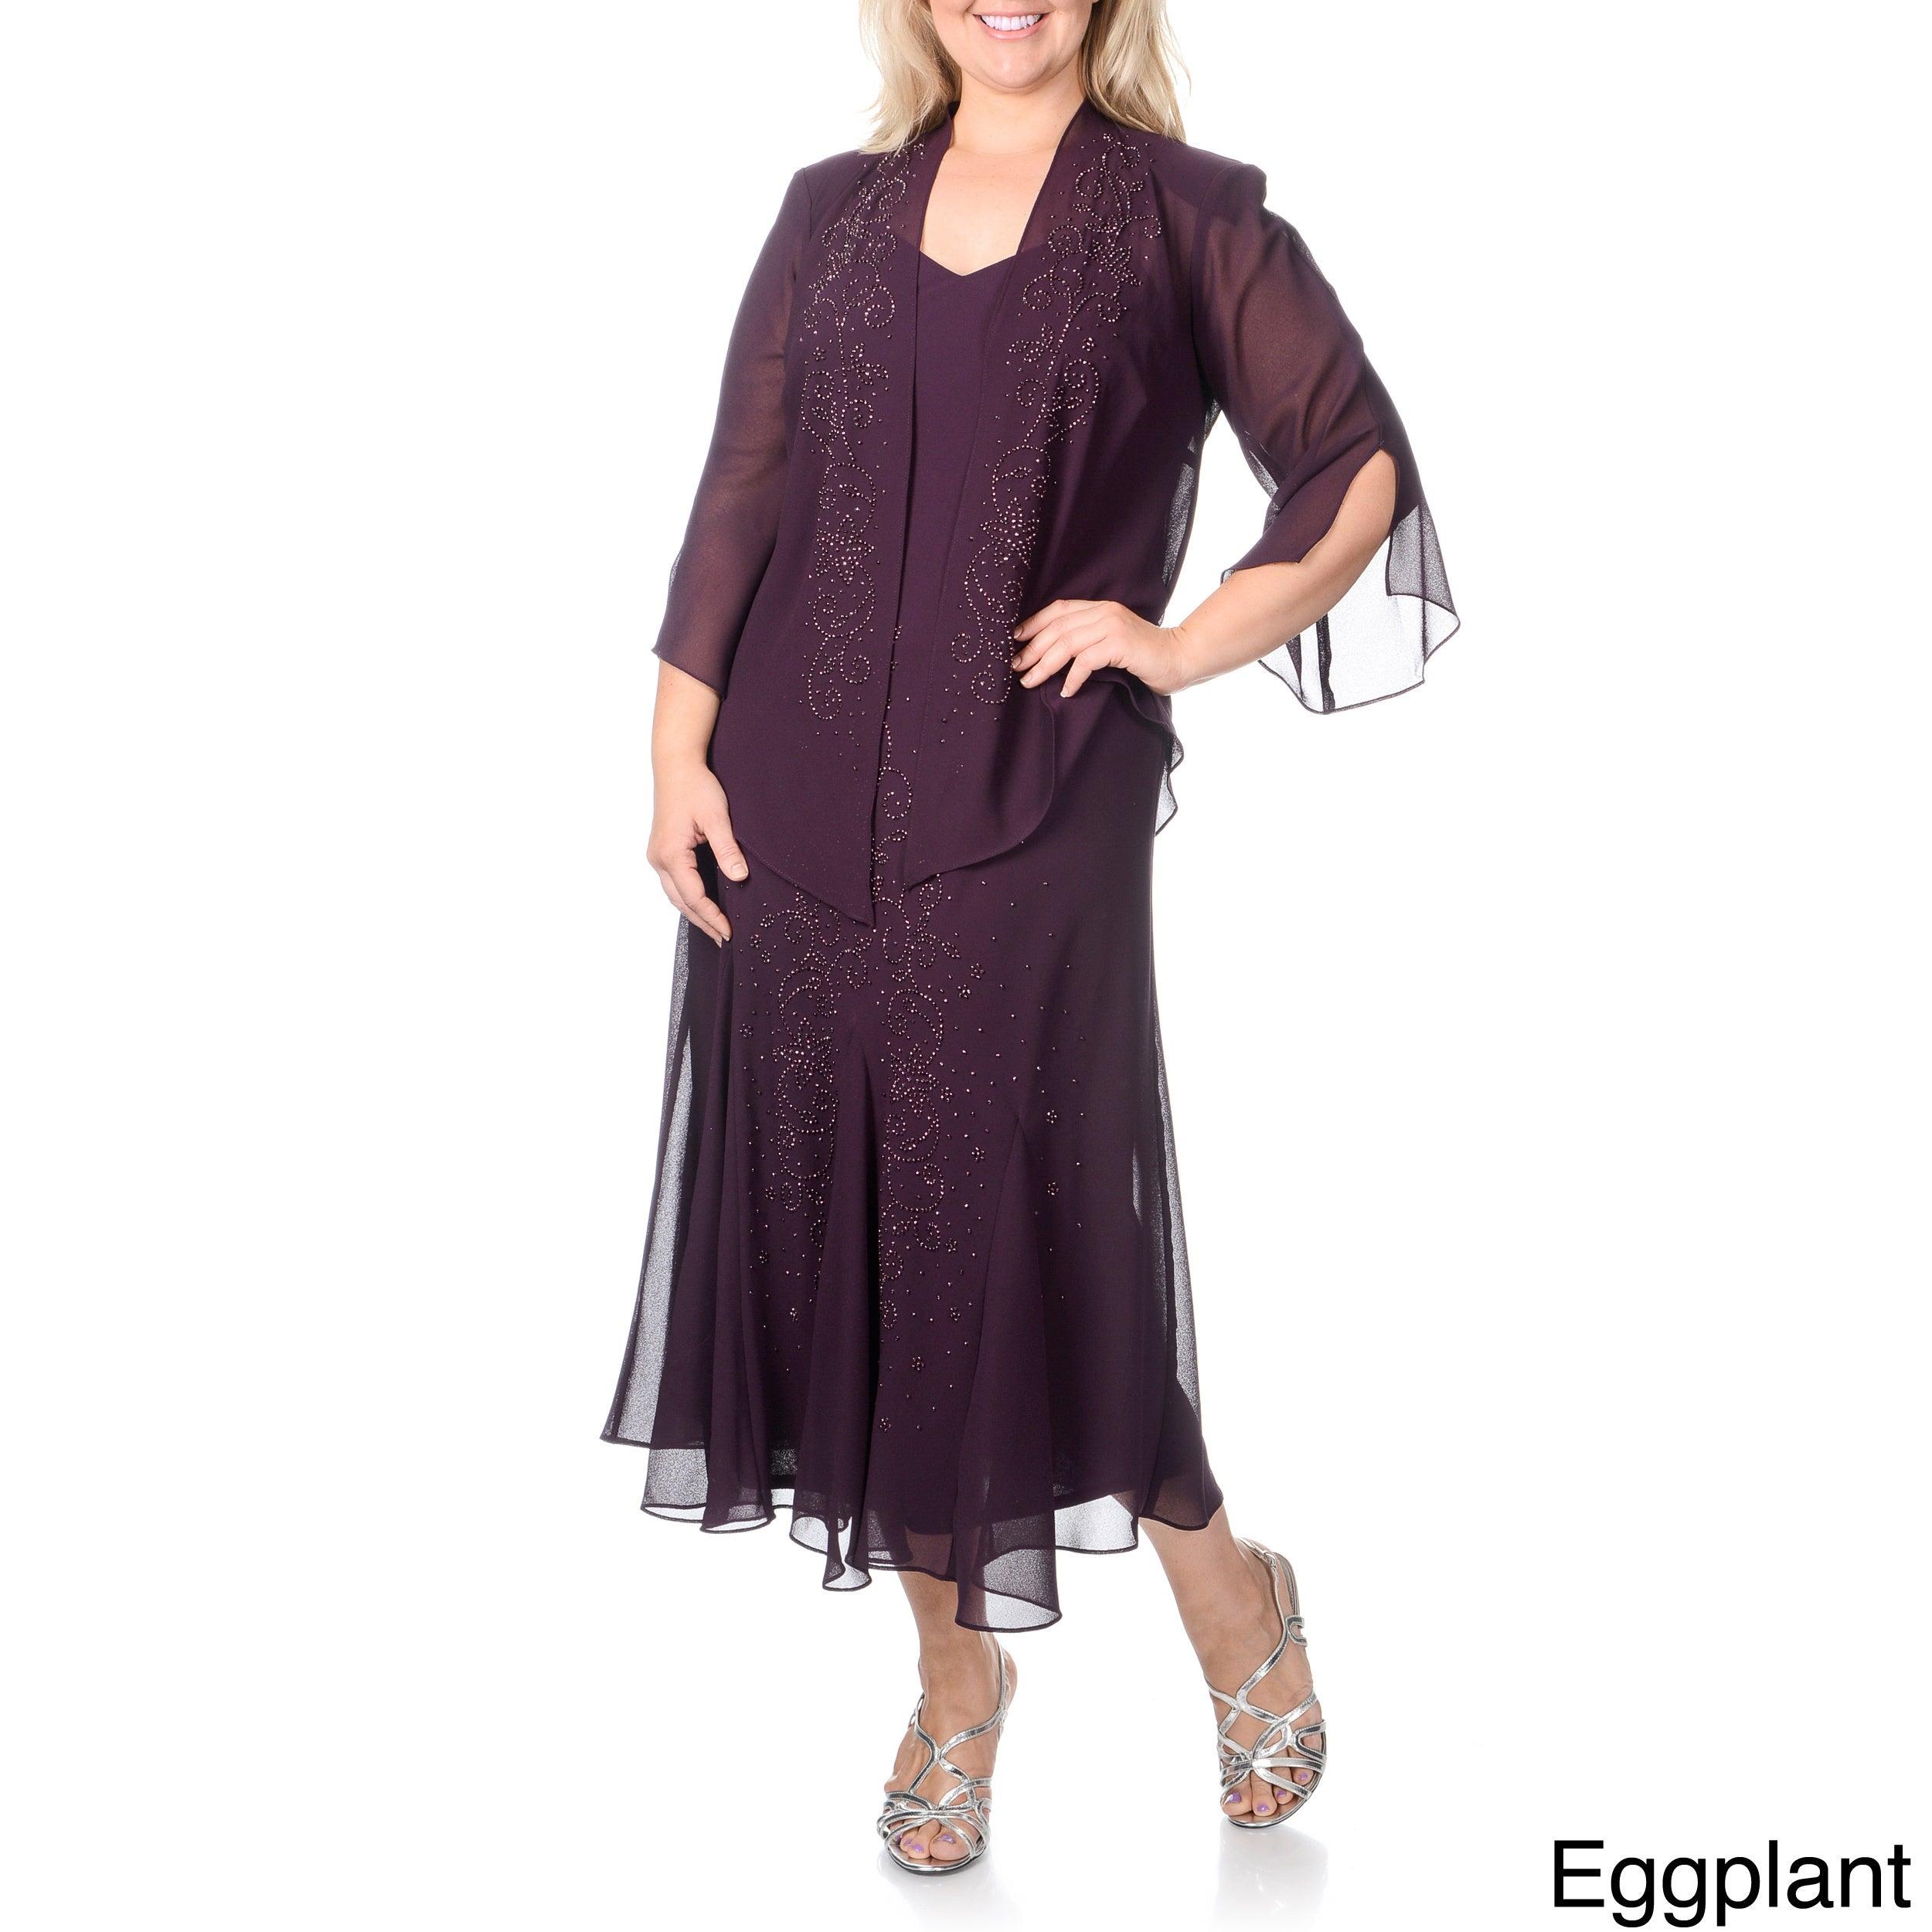 R&m Richards Eggplant Social Dress With Jacket Sz 16w 6473 | eBay